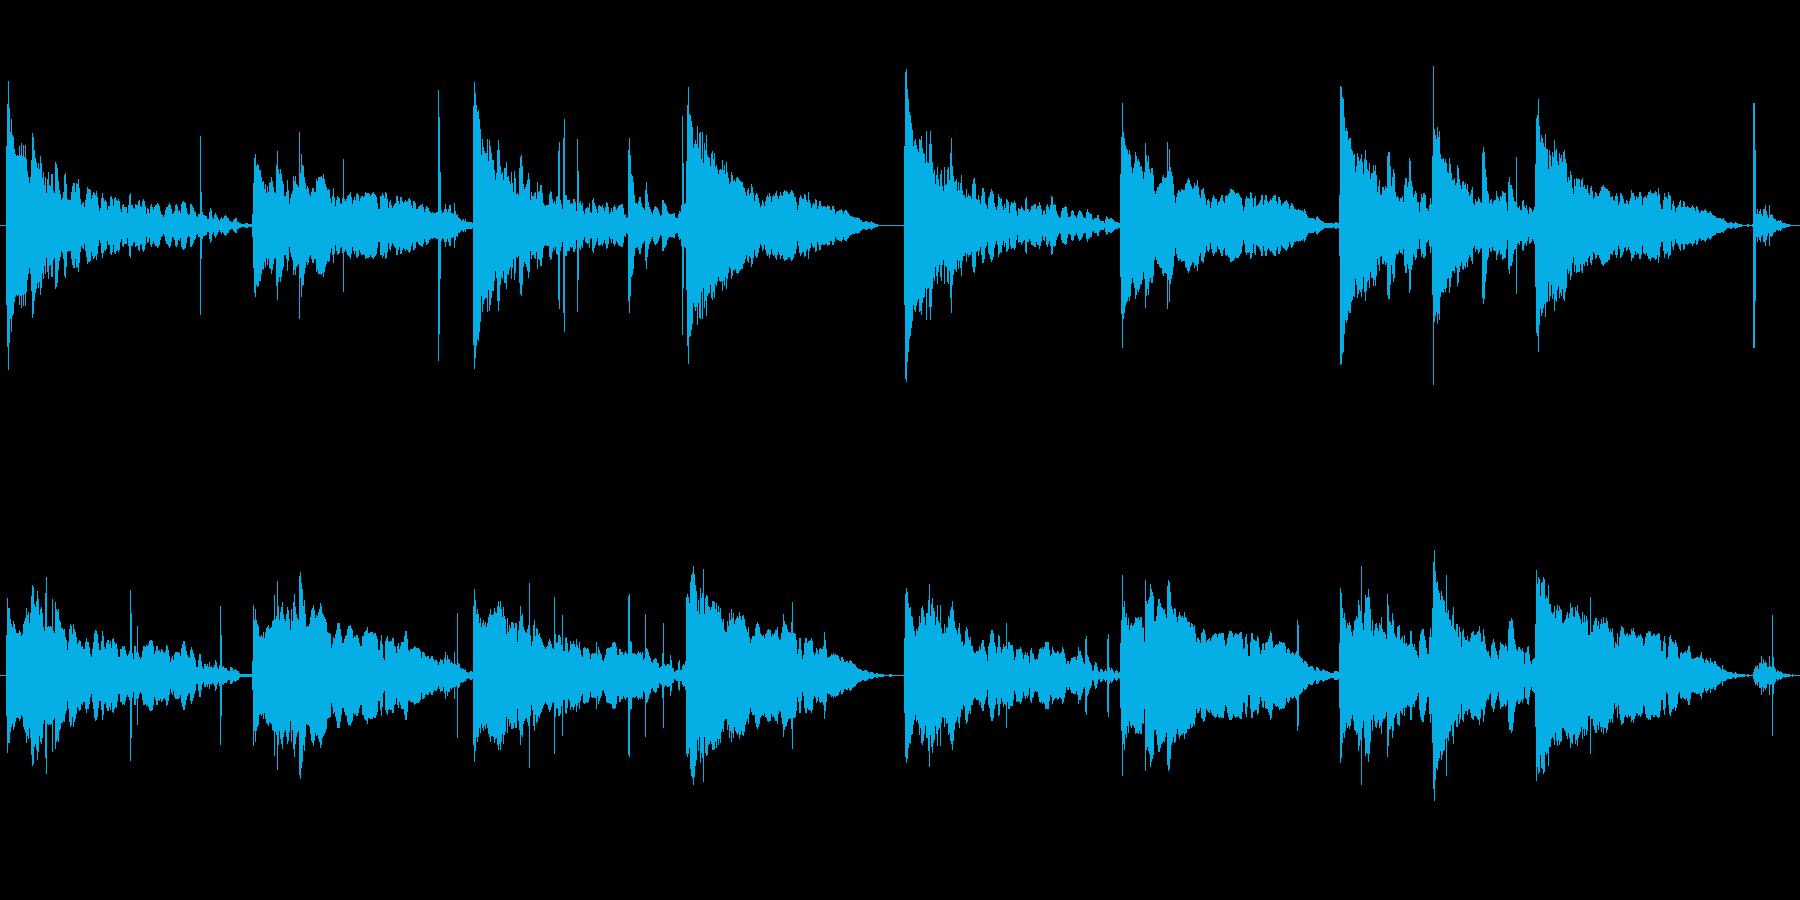 水の音を使った神秘的な曲の再生済みの波形